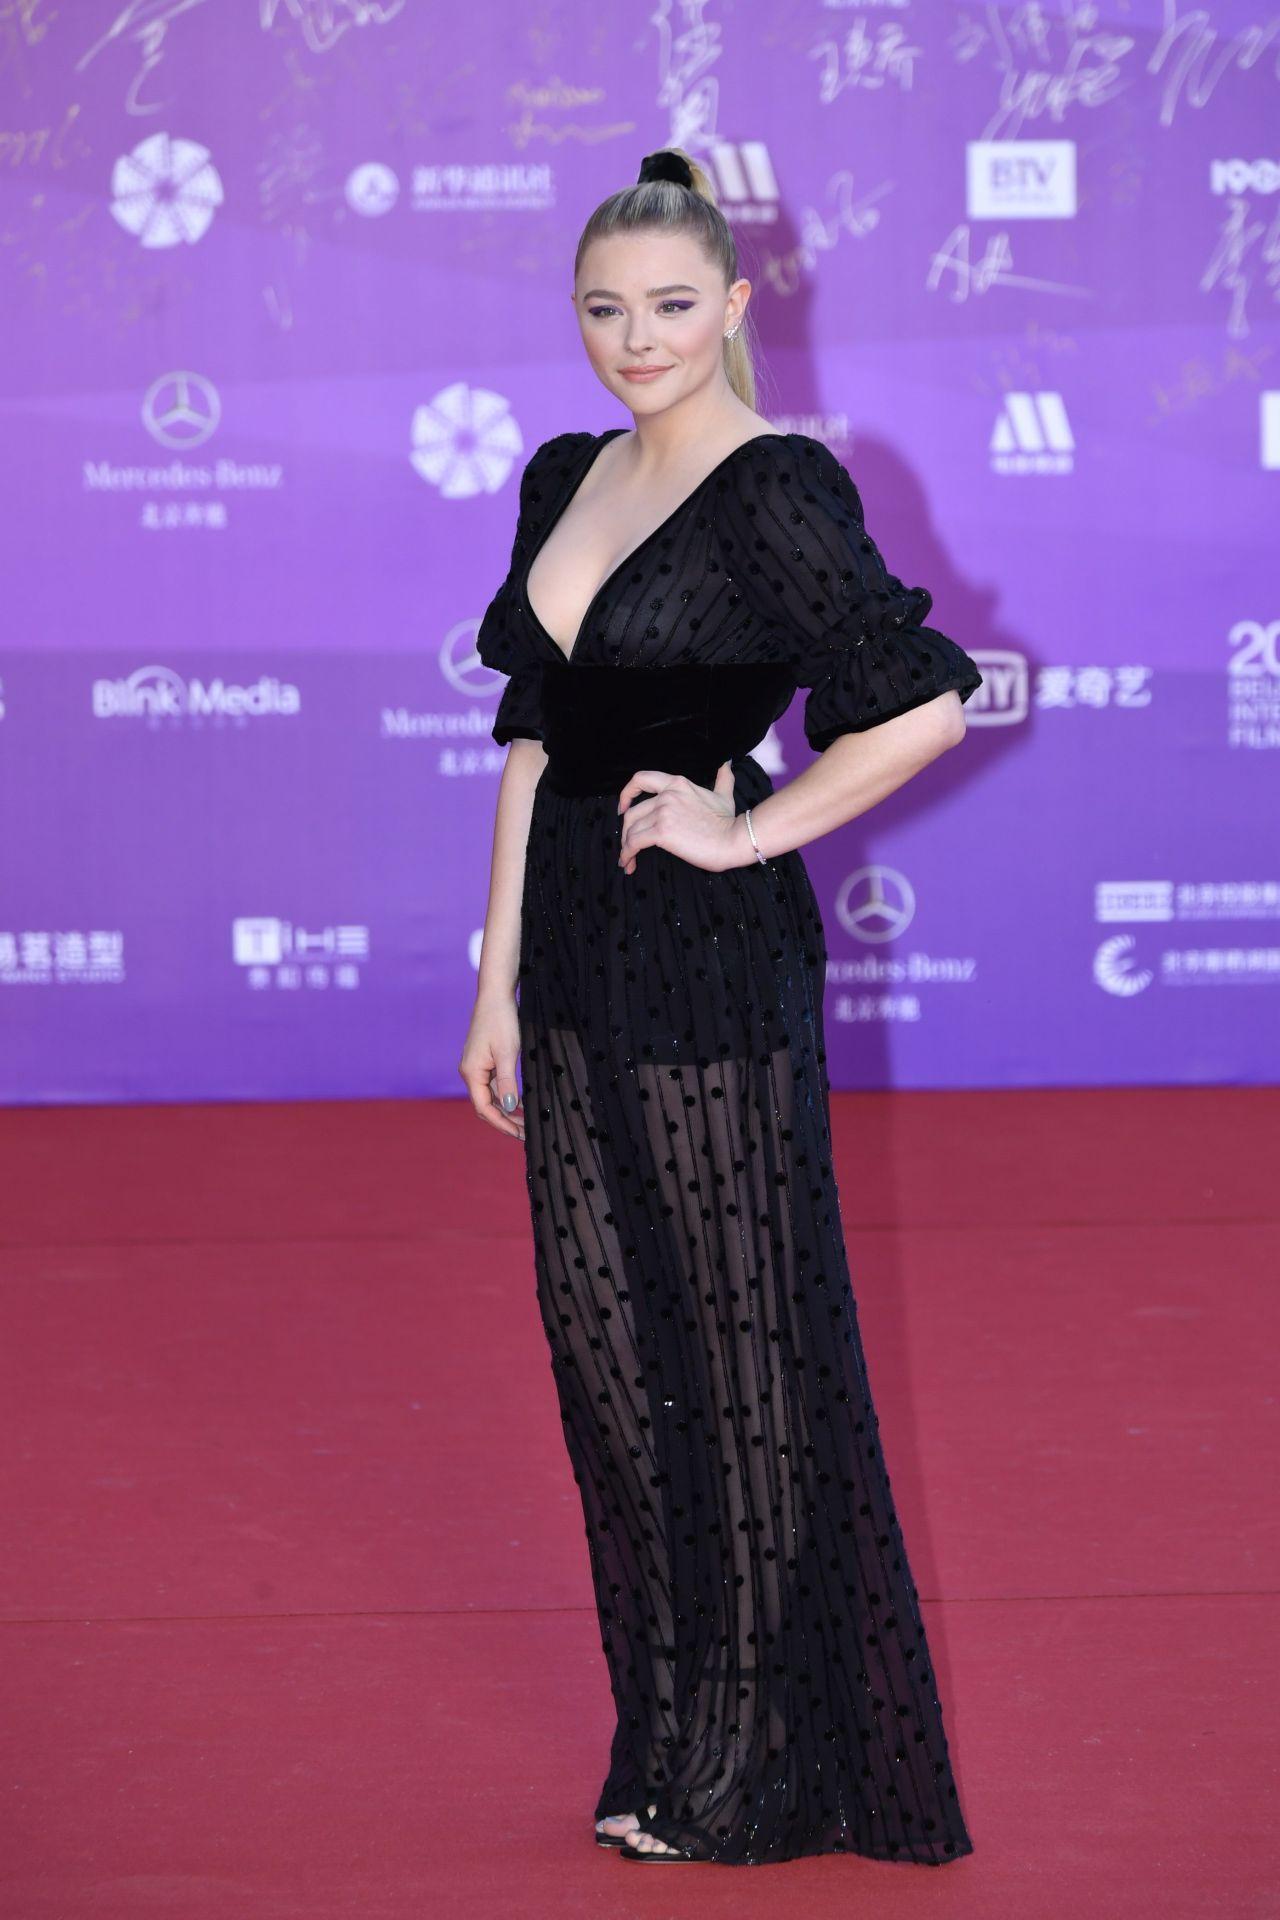 https://celebmafia.com/wp-content/uploads/2018/04/chloe-moretz-2018-beijing-international-film-festival-opening-night-4.jpg